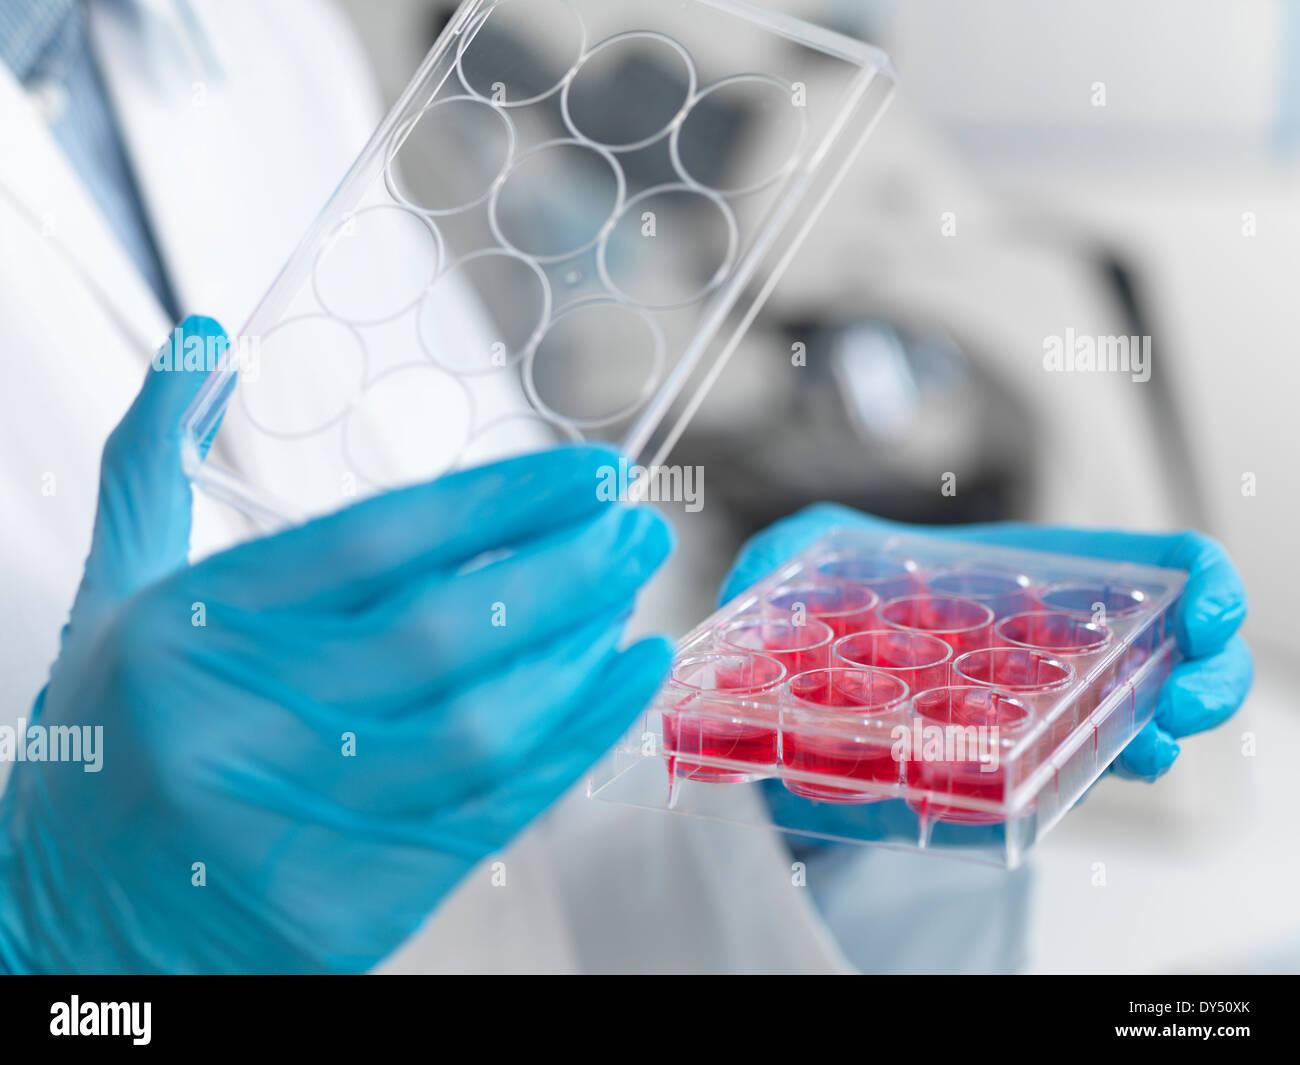 La investigación con células madre. Cerca de investigadora examina los cultivos celulares en bandeja multipocillo Imagen De Stock